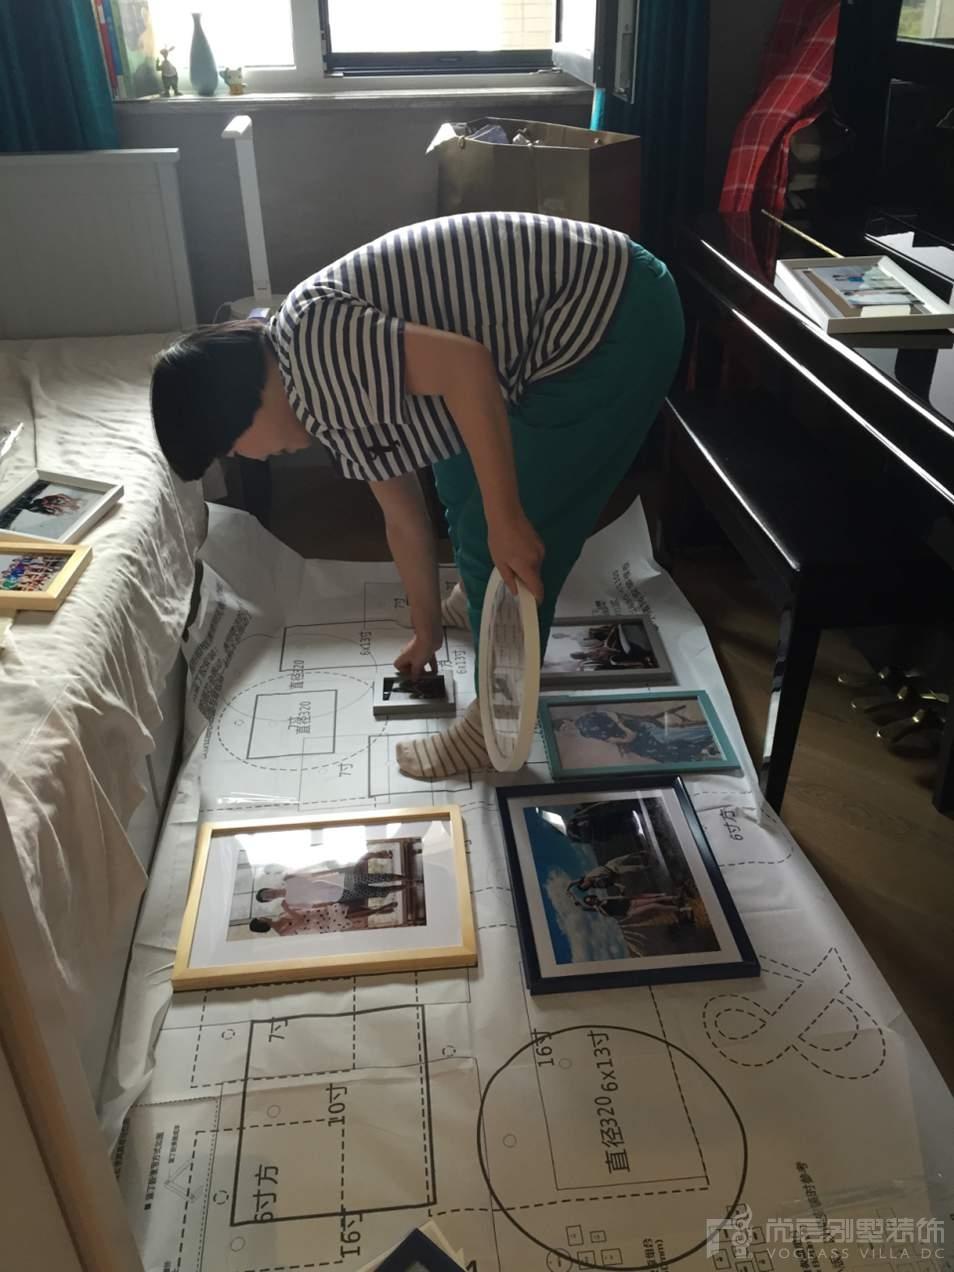 尚层装饰配饰设计师李露露在认真的工作